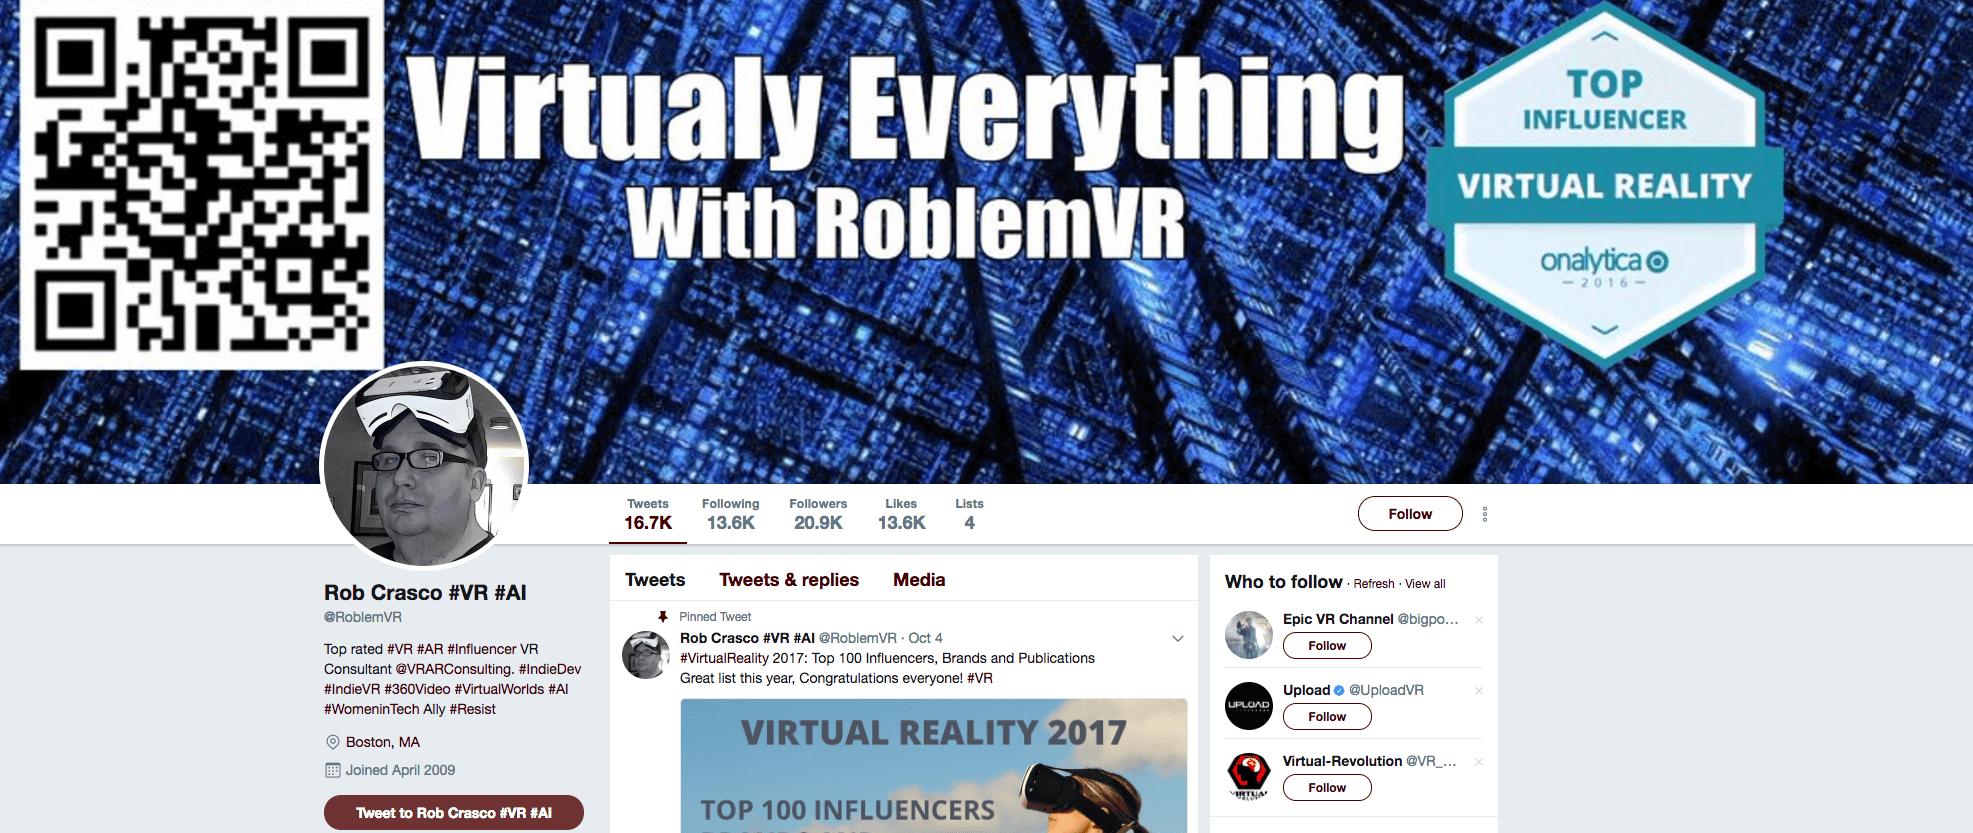 Rob Crasco #VR #AI Influencer